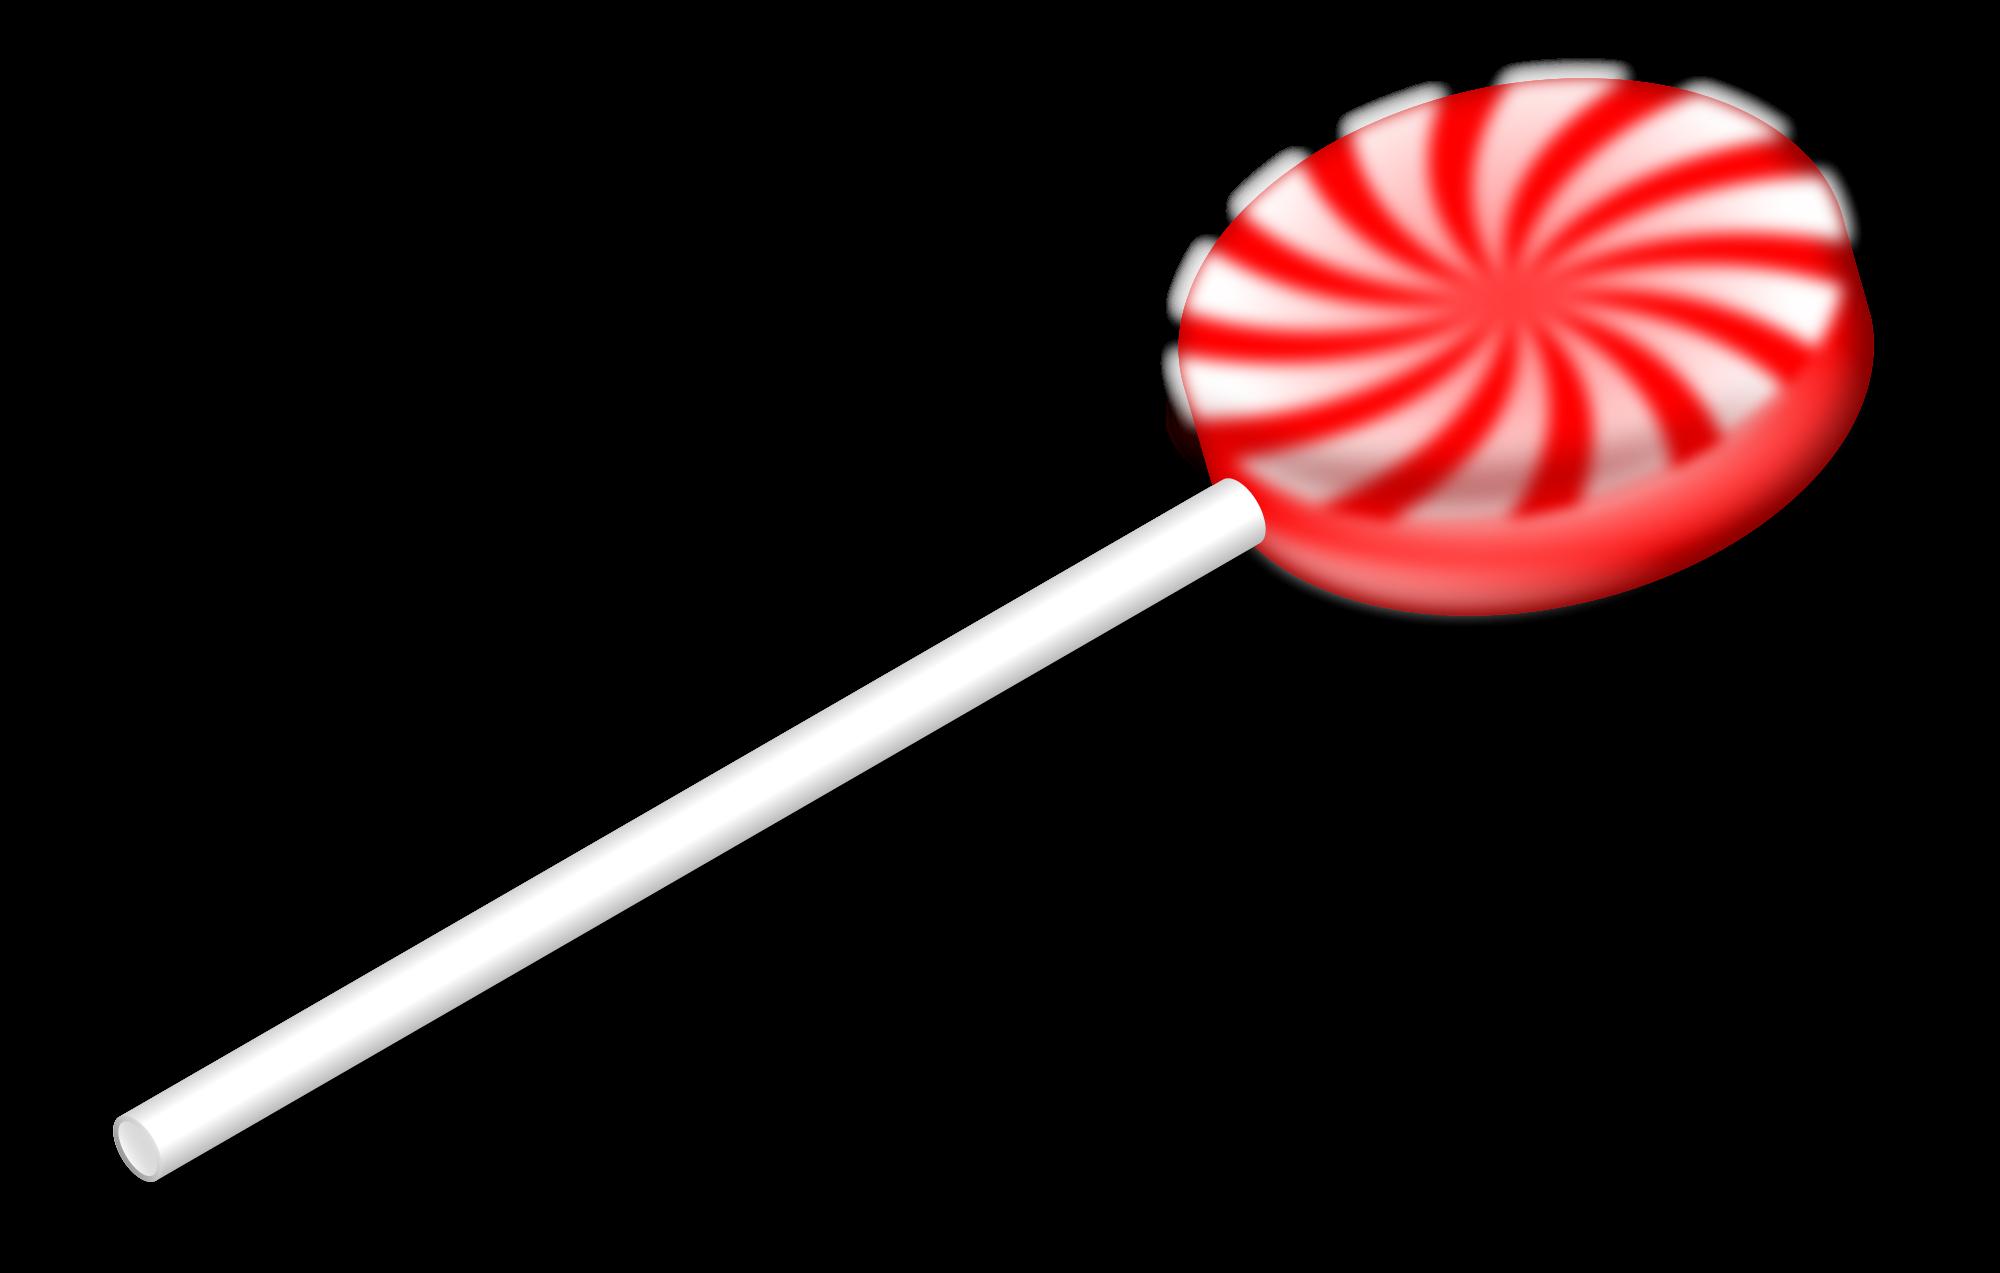 Lollipop clipart giant lollipop. Png image picpng